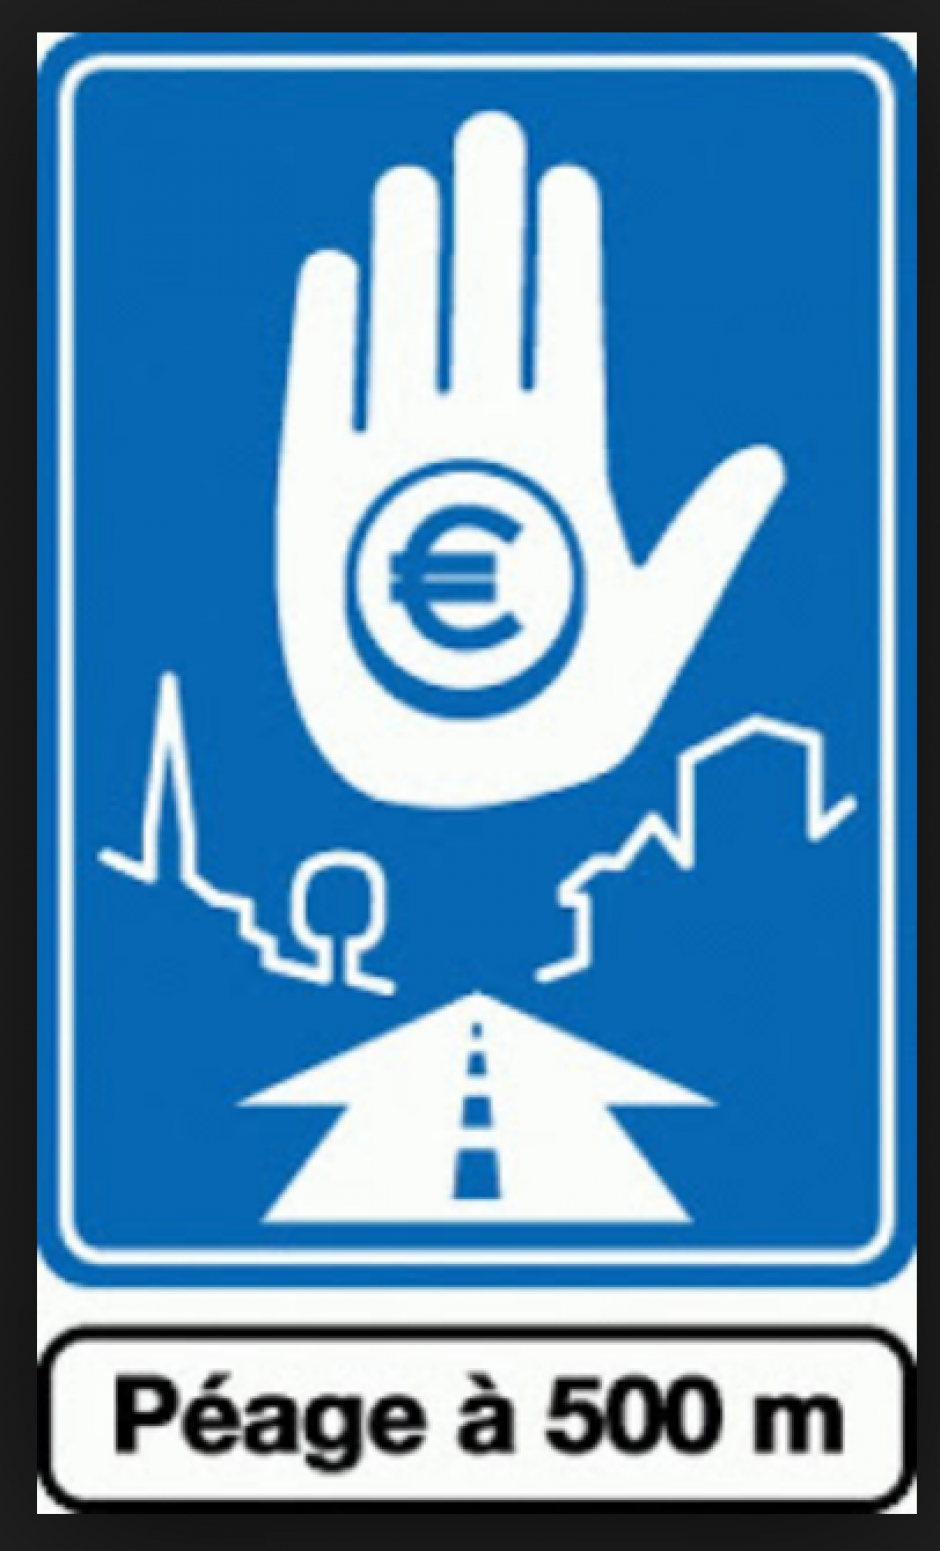 Péages urbains. Communiqué de l'ADECR des Pyrénées-Orientales